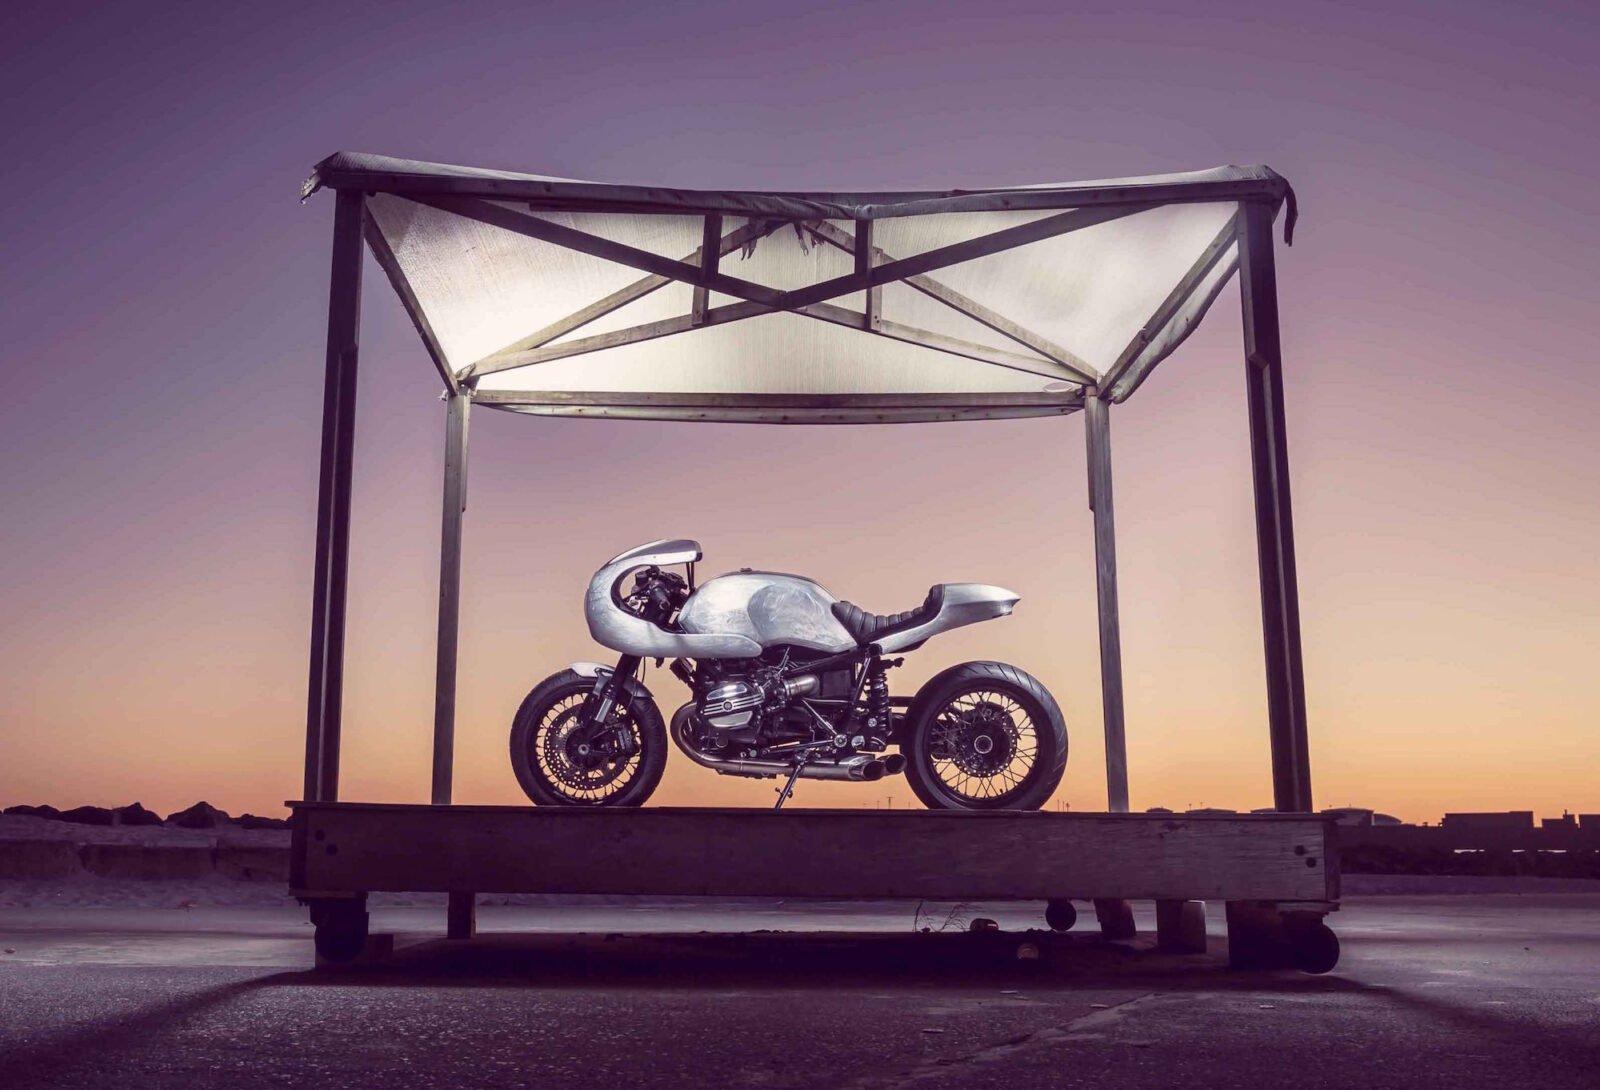 BMW R nineT Motorcycle 11 1600x1090 - BMW R nineT by Gasoline Motor Co.